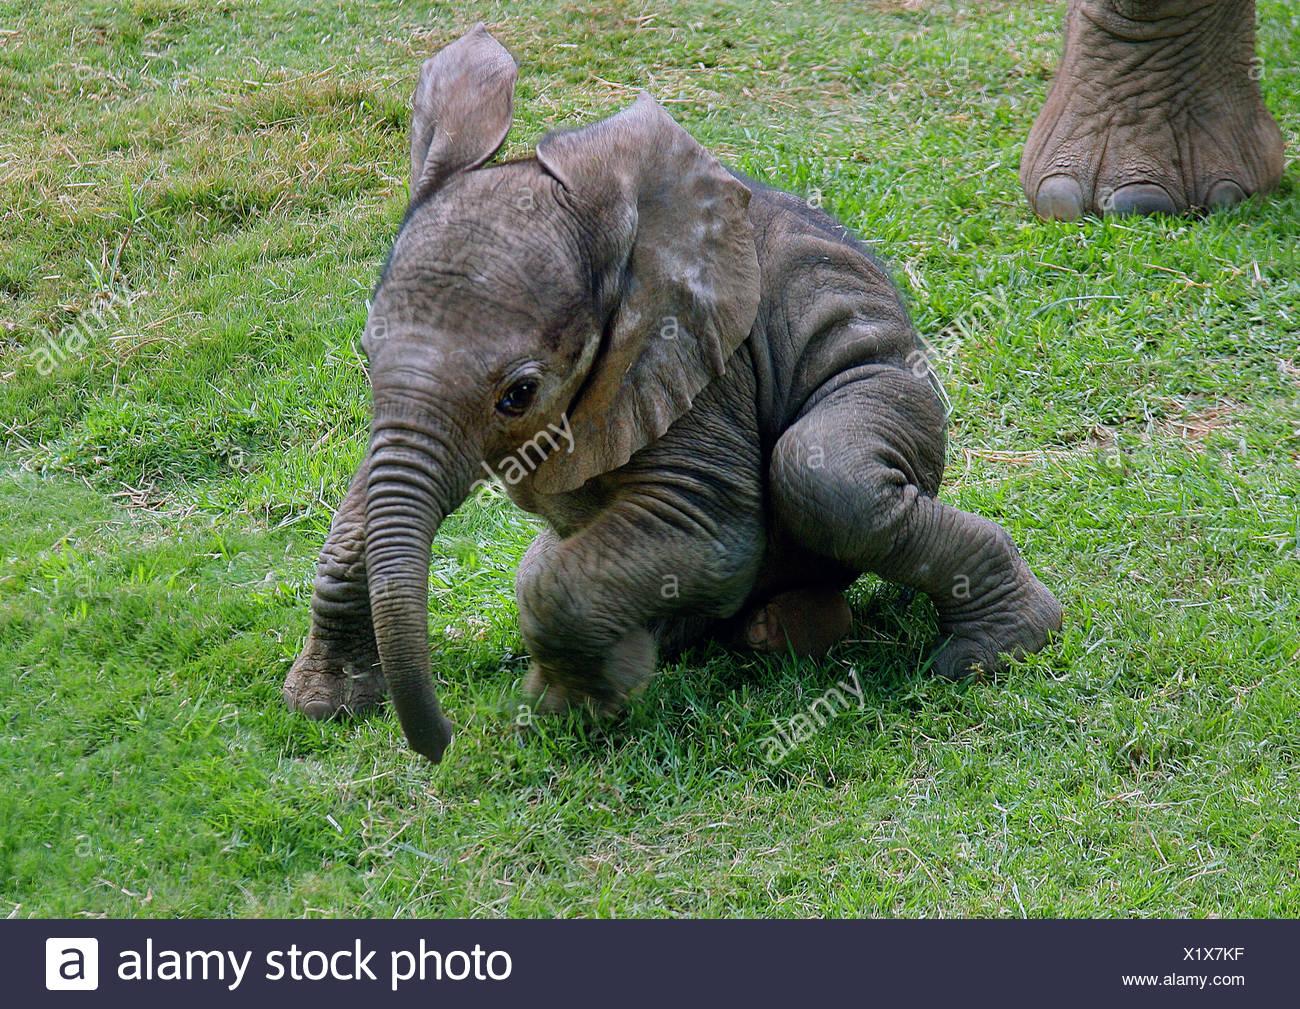 L'éléphant africain (Loxodonta africana), bébé éléphant dans un pré, Parc National d'Amboseli, Kenya Photo Stock